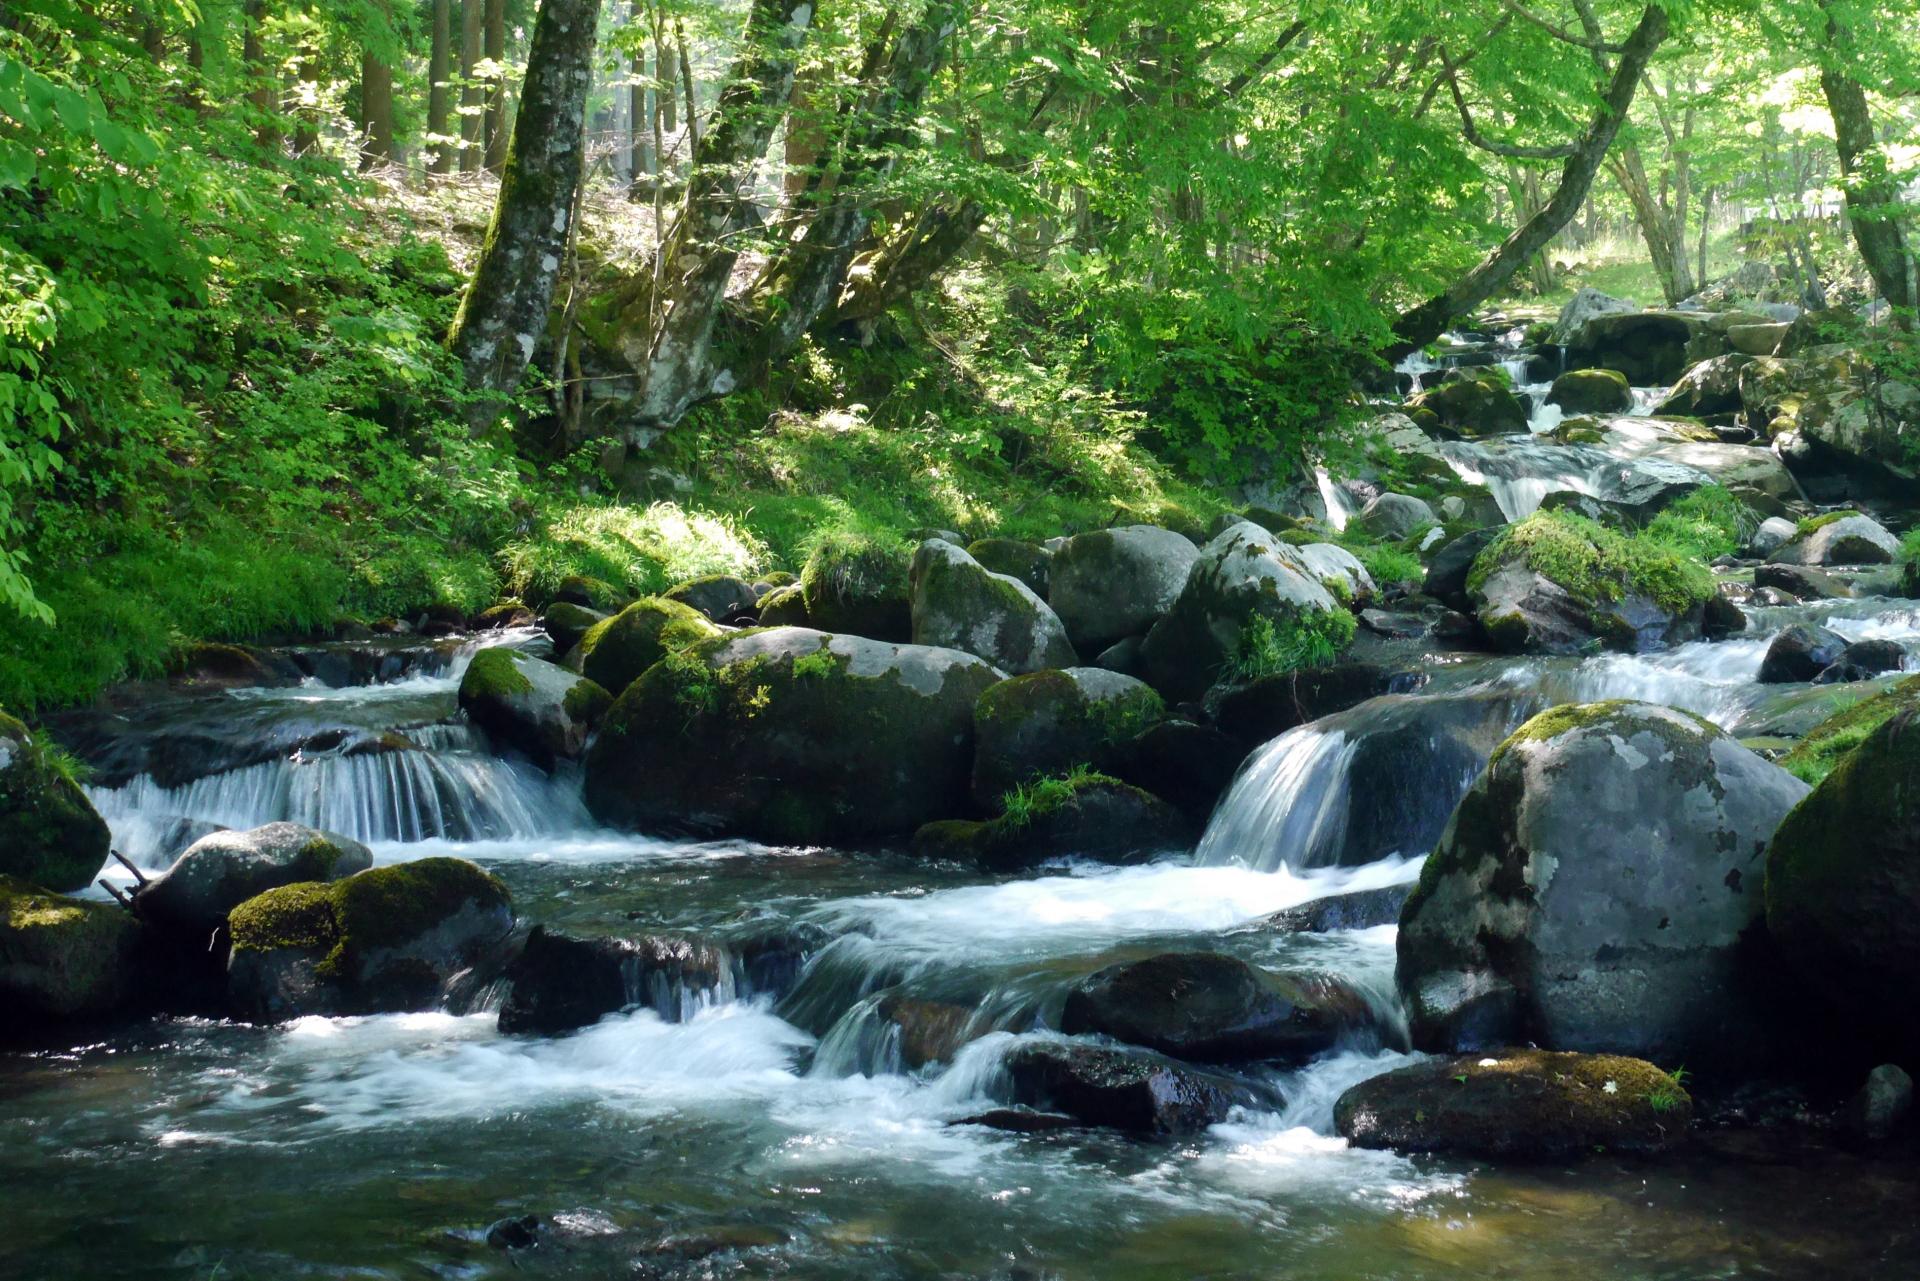 熊本県山鹿市の矢谷渓谷が『夏休みに行きたいスポット』として話題!キャンプ場や天然のウォータースライダーもあります【ヒルナンデス】